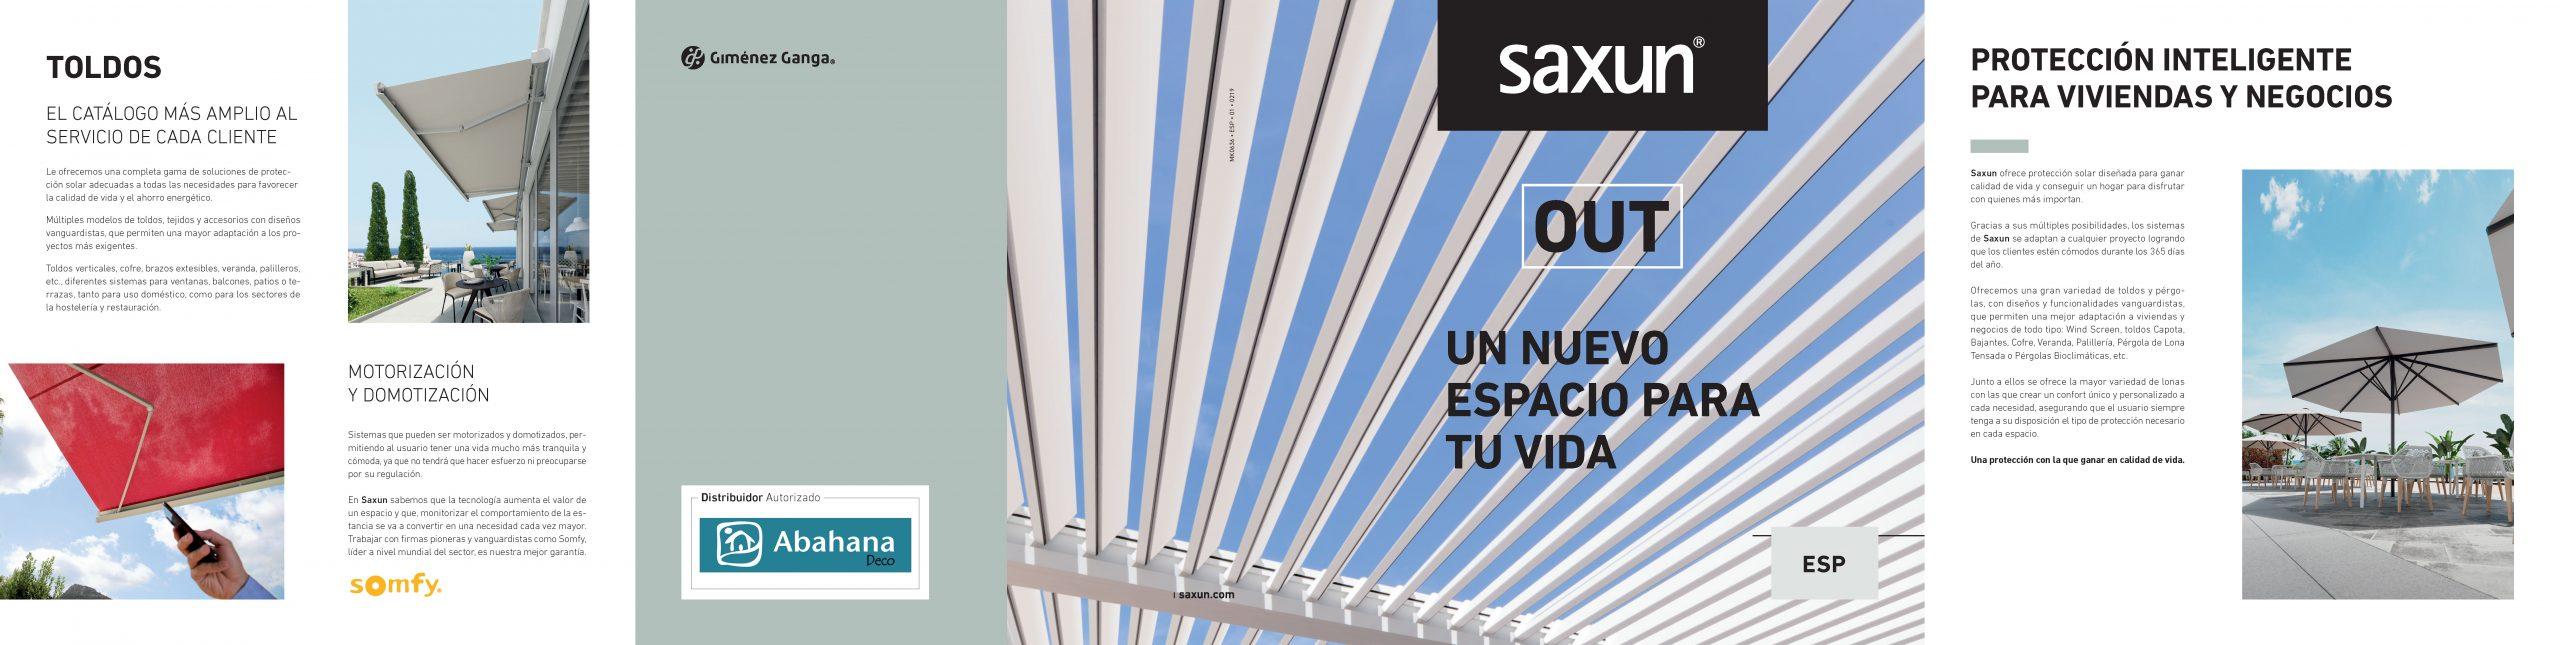 Poliptico_Saxun_OUT_MK0636_ESP_010219_Página_1